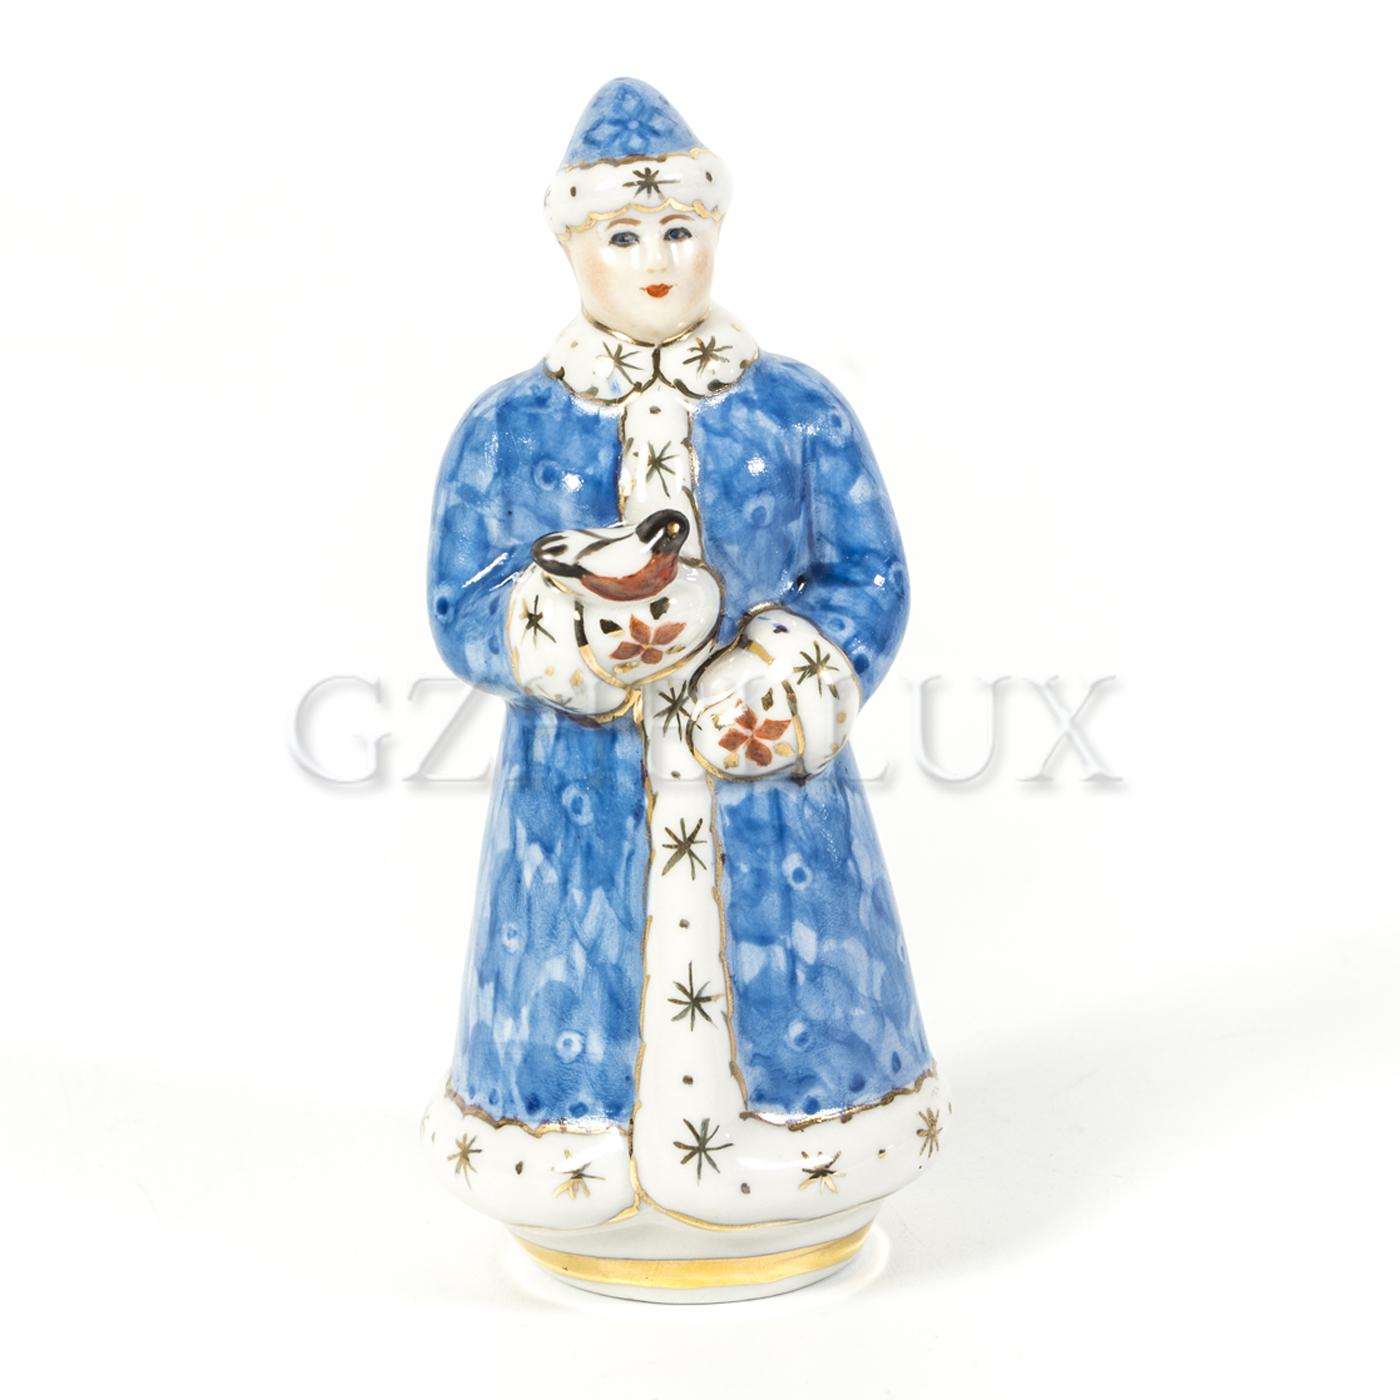 Скульптура «Снегурочка» в красках